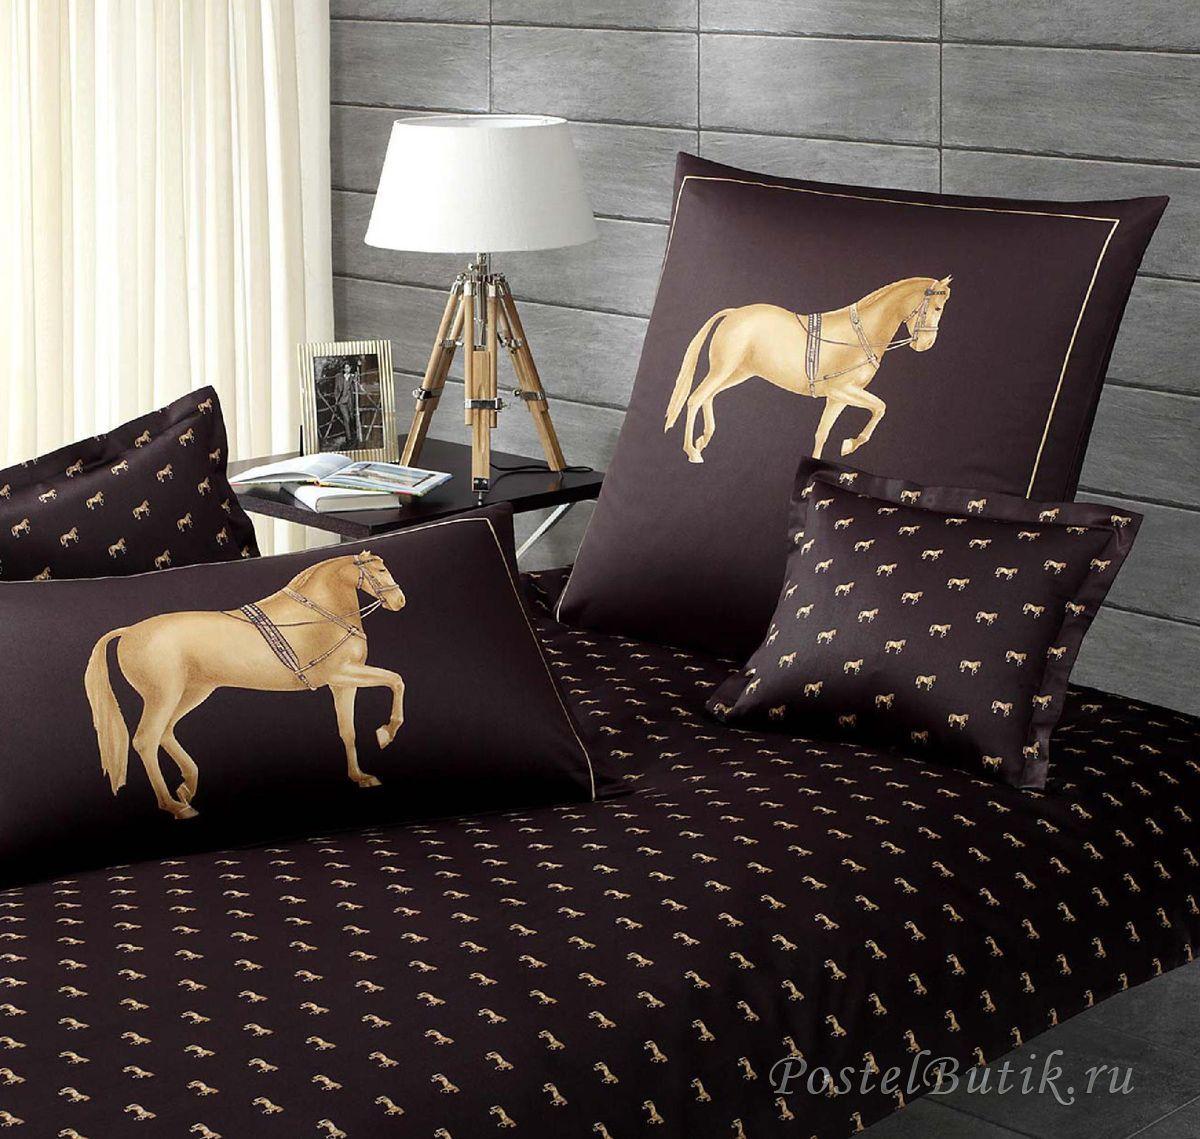 Для сна Элитная наволочка Equus антрацит от Elegante elitnaya-navolochka-equus-antratsit-ot-elegante-germaniya.jpg